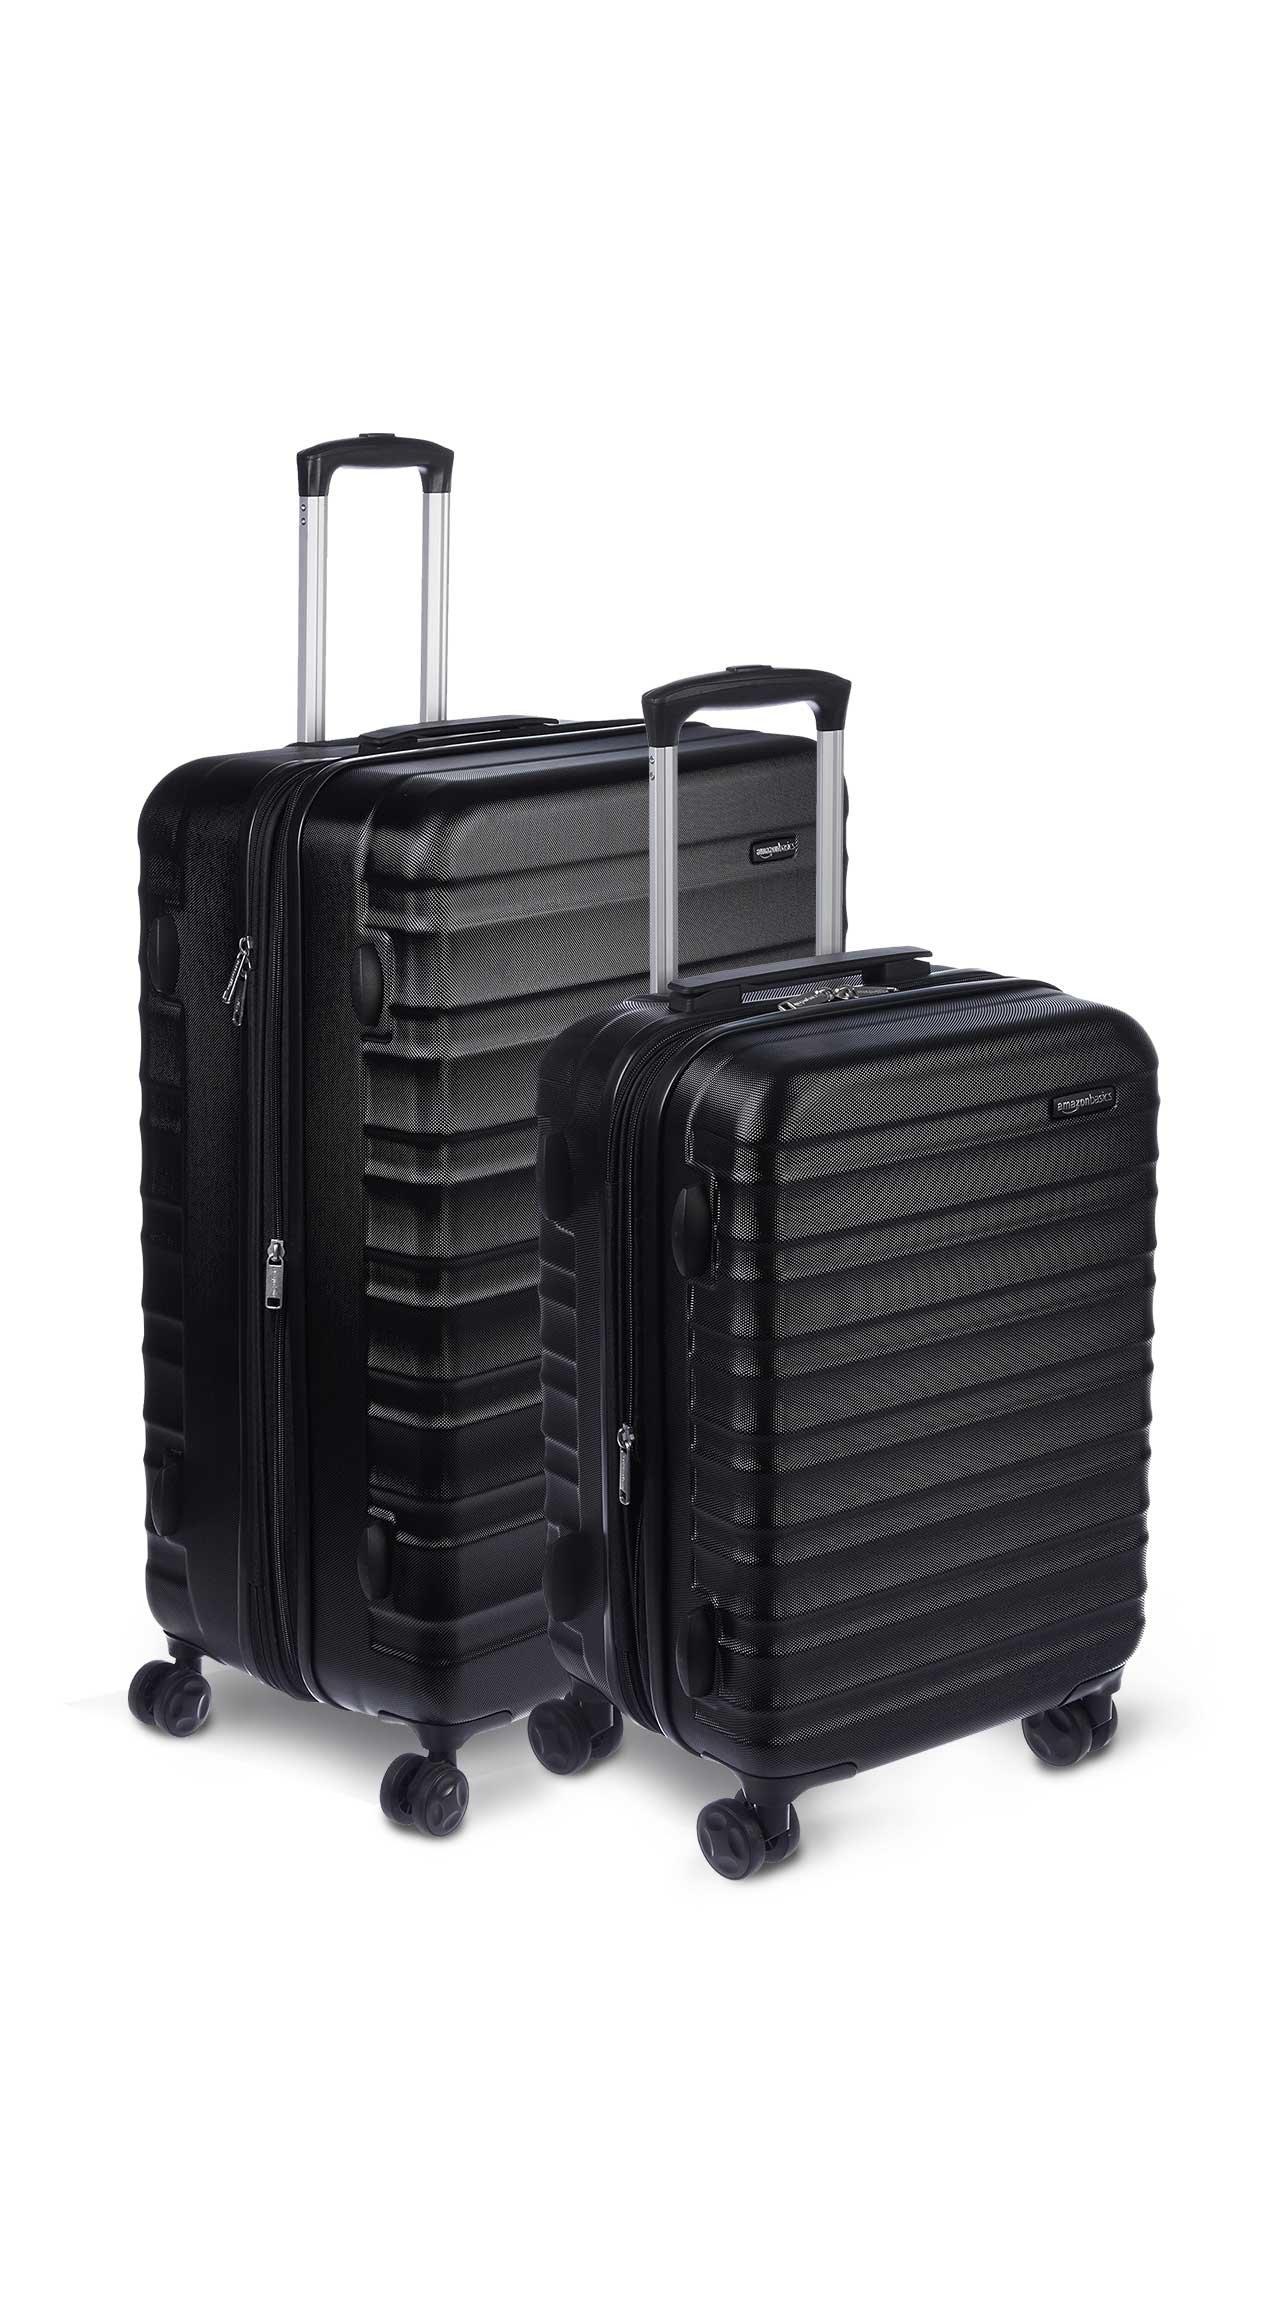 AmazonBasics 2 Piece Hardside Spinner Travel Luggage Suitcase Set - Black by AmazonBasics